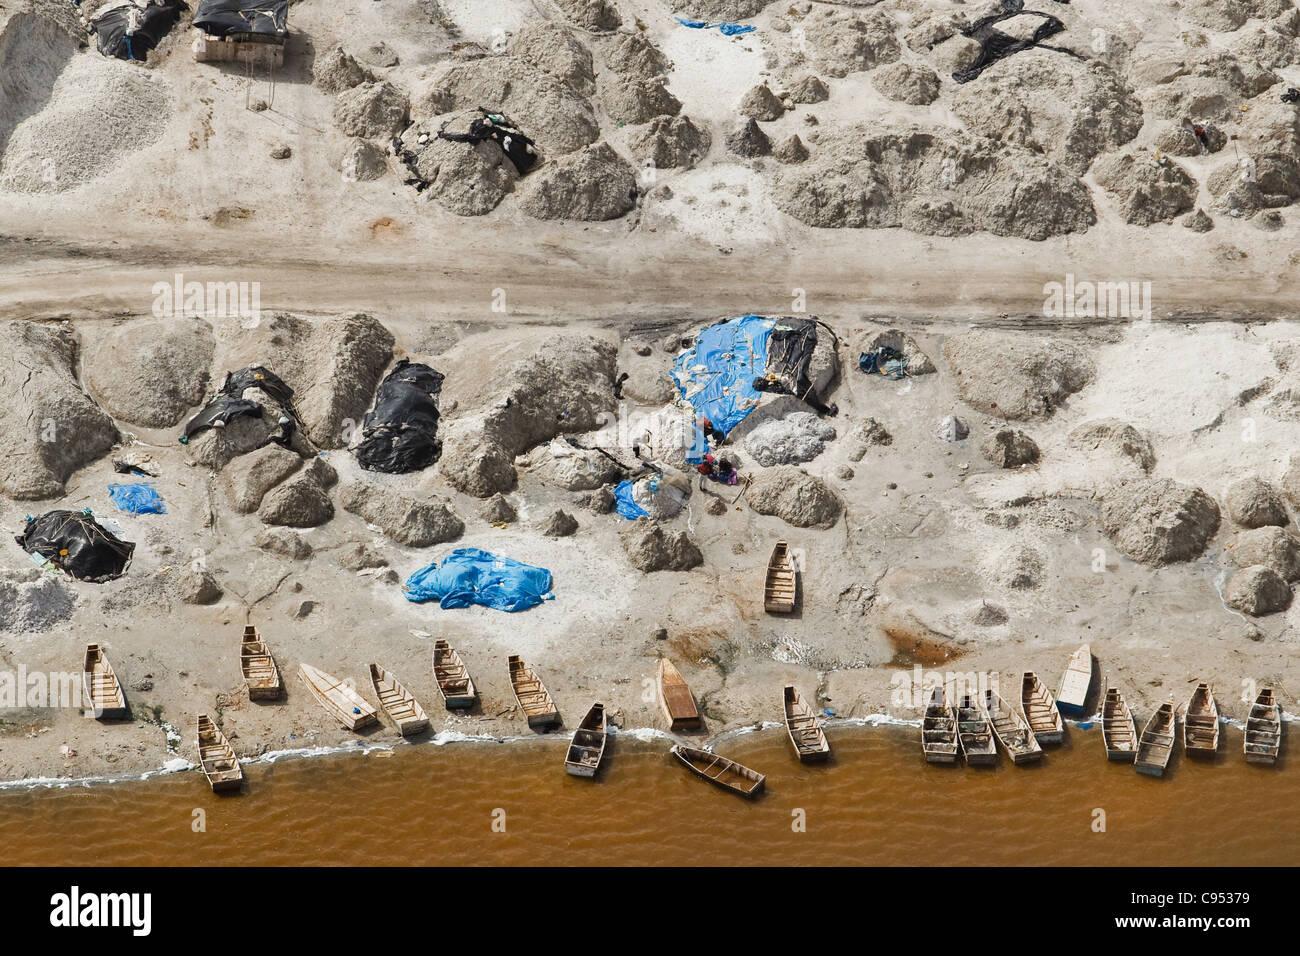 Piroghe e per la produzione di sale sulla riva del Lac Rose (Lago Rosa) vicino a Dakar, Senegal. Immagini Stock